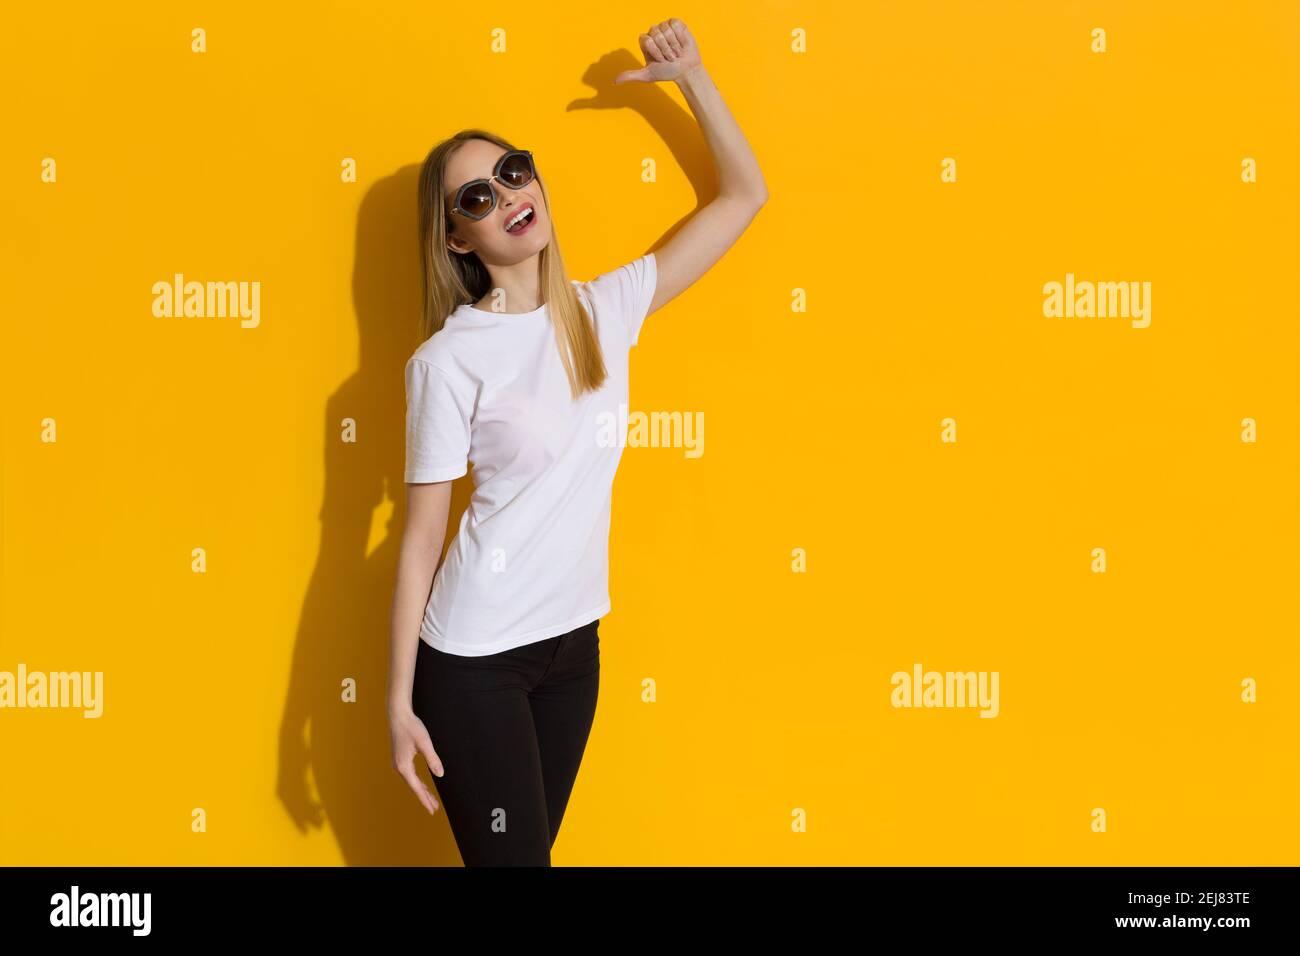 La jeune femme confiante se pointe vers elle avec le pouce et parle. Trois quarts de long studio tourné sur fond jaune. Banque D'Images